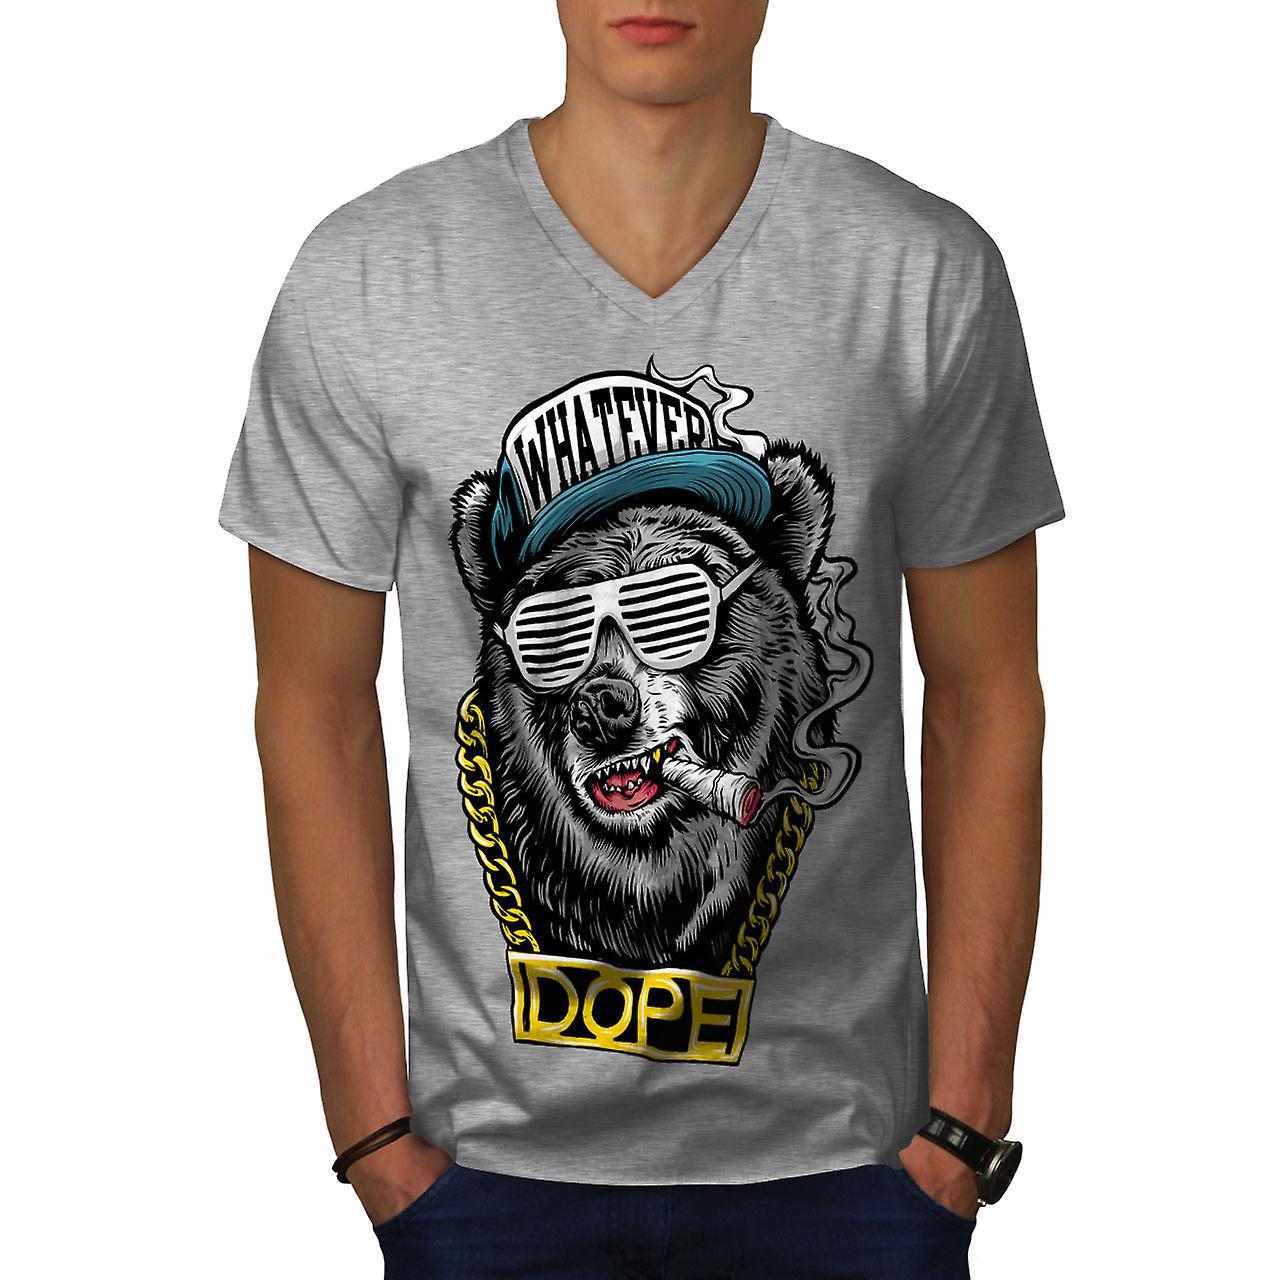 da3774f17232be Kette Swag Bär Mode Männer GreyV-Neck T-shirt